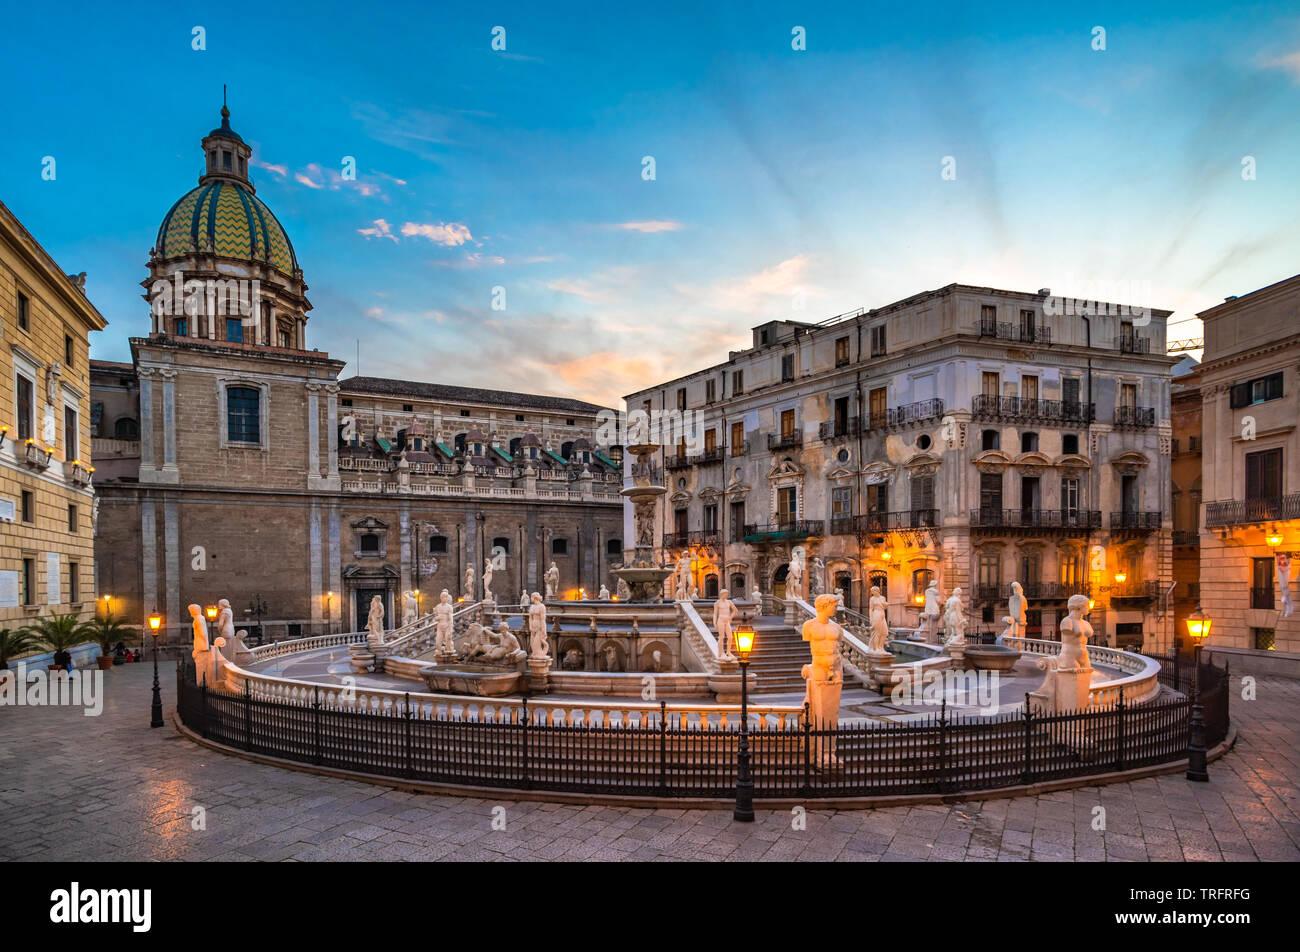 Piazza Pretoria and the Praetorian Fountain in Palermo, Sicily, Italy. Stock Photo